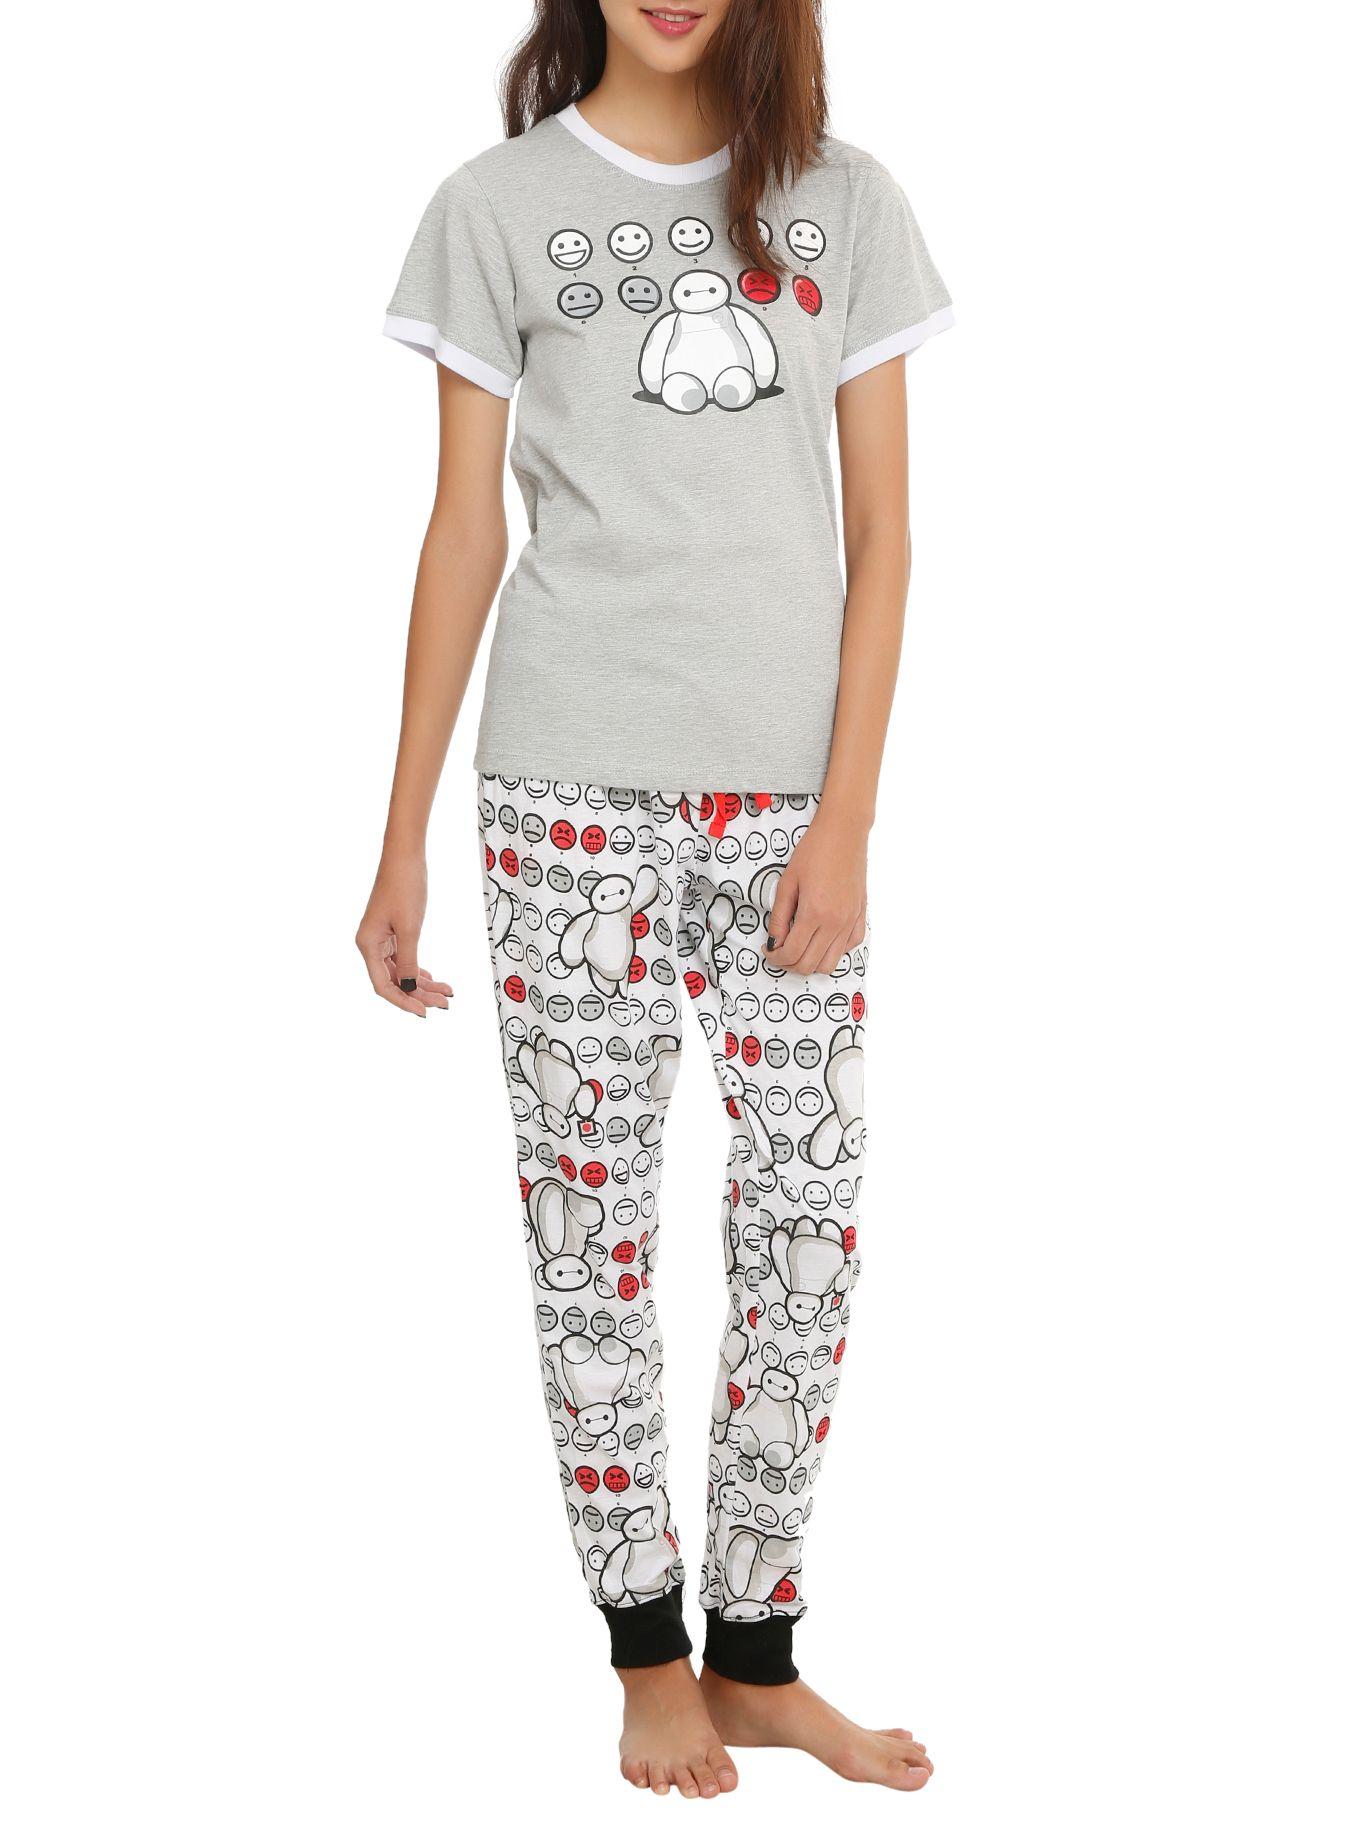 6568001b49c4 Disney Big Hero 6 Baymax Grey Sleep Set